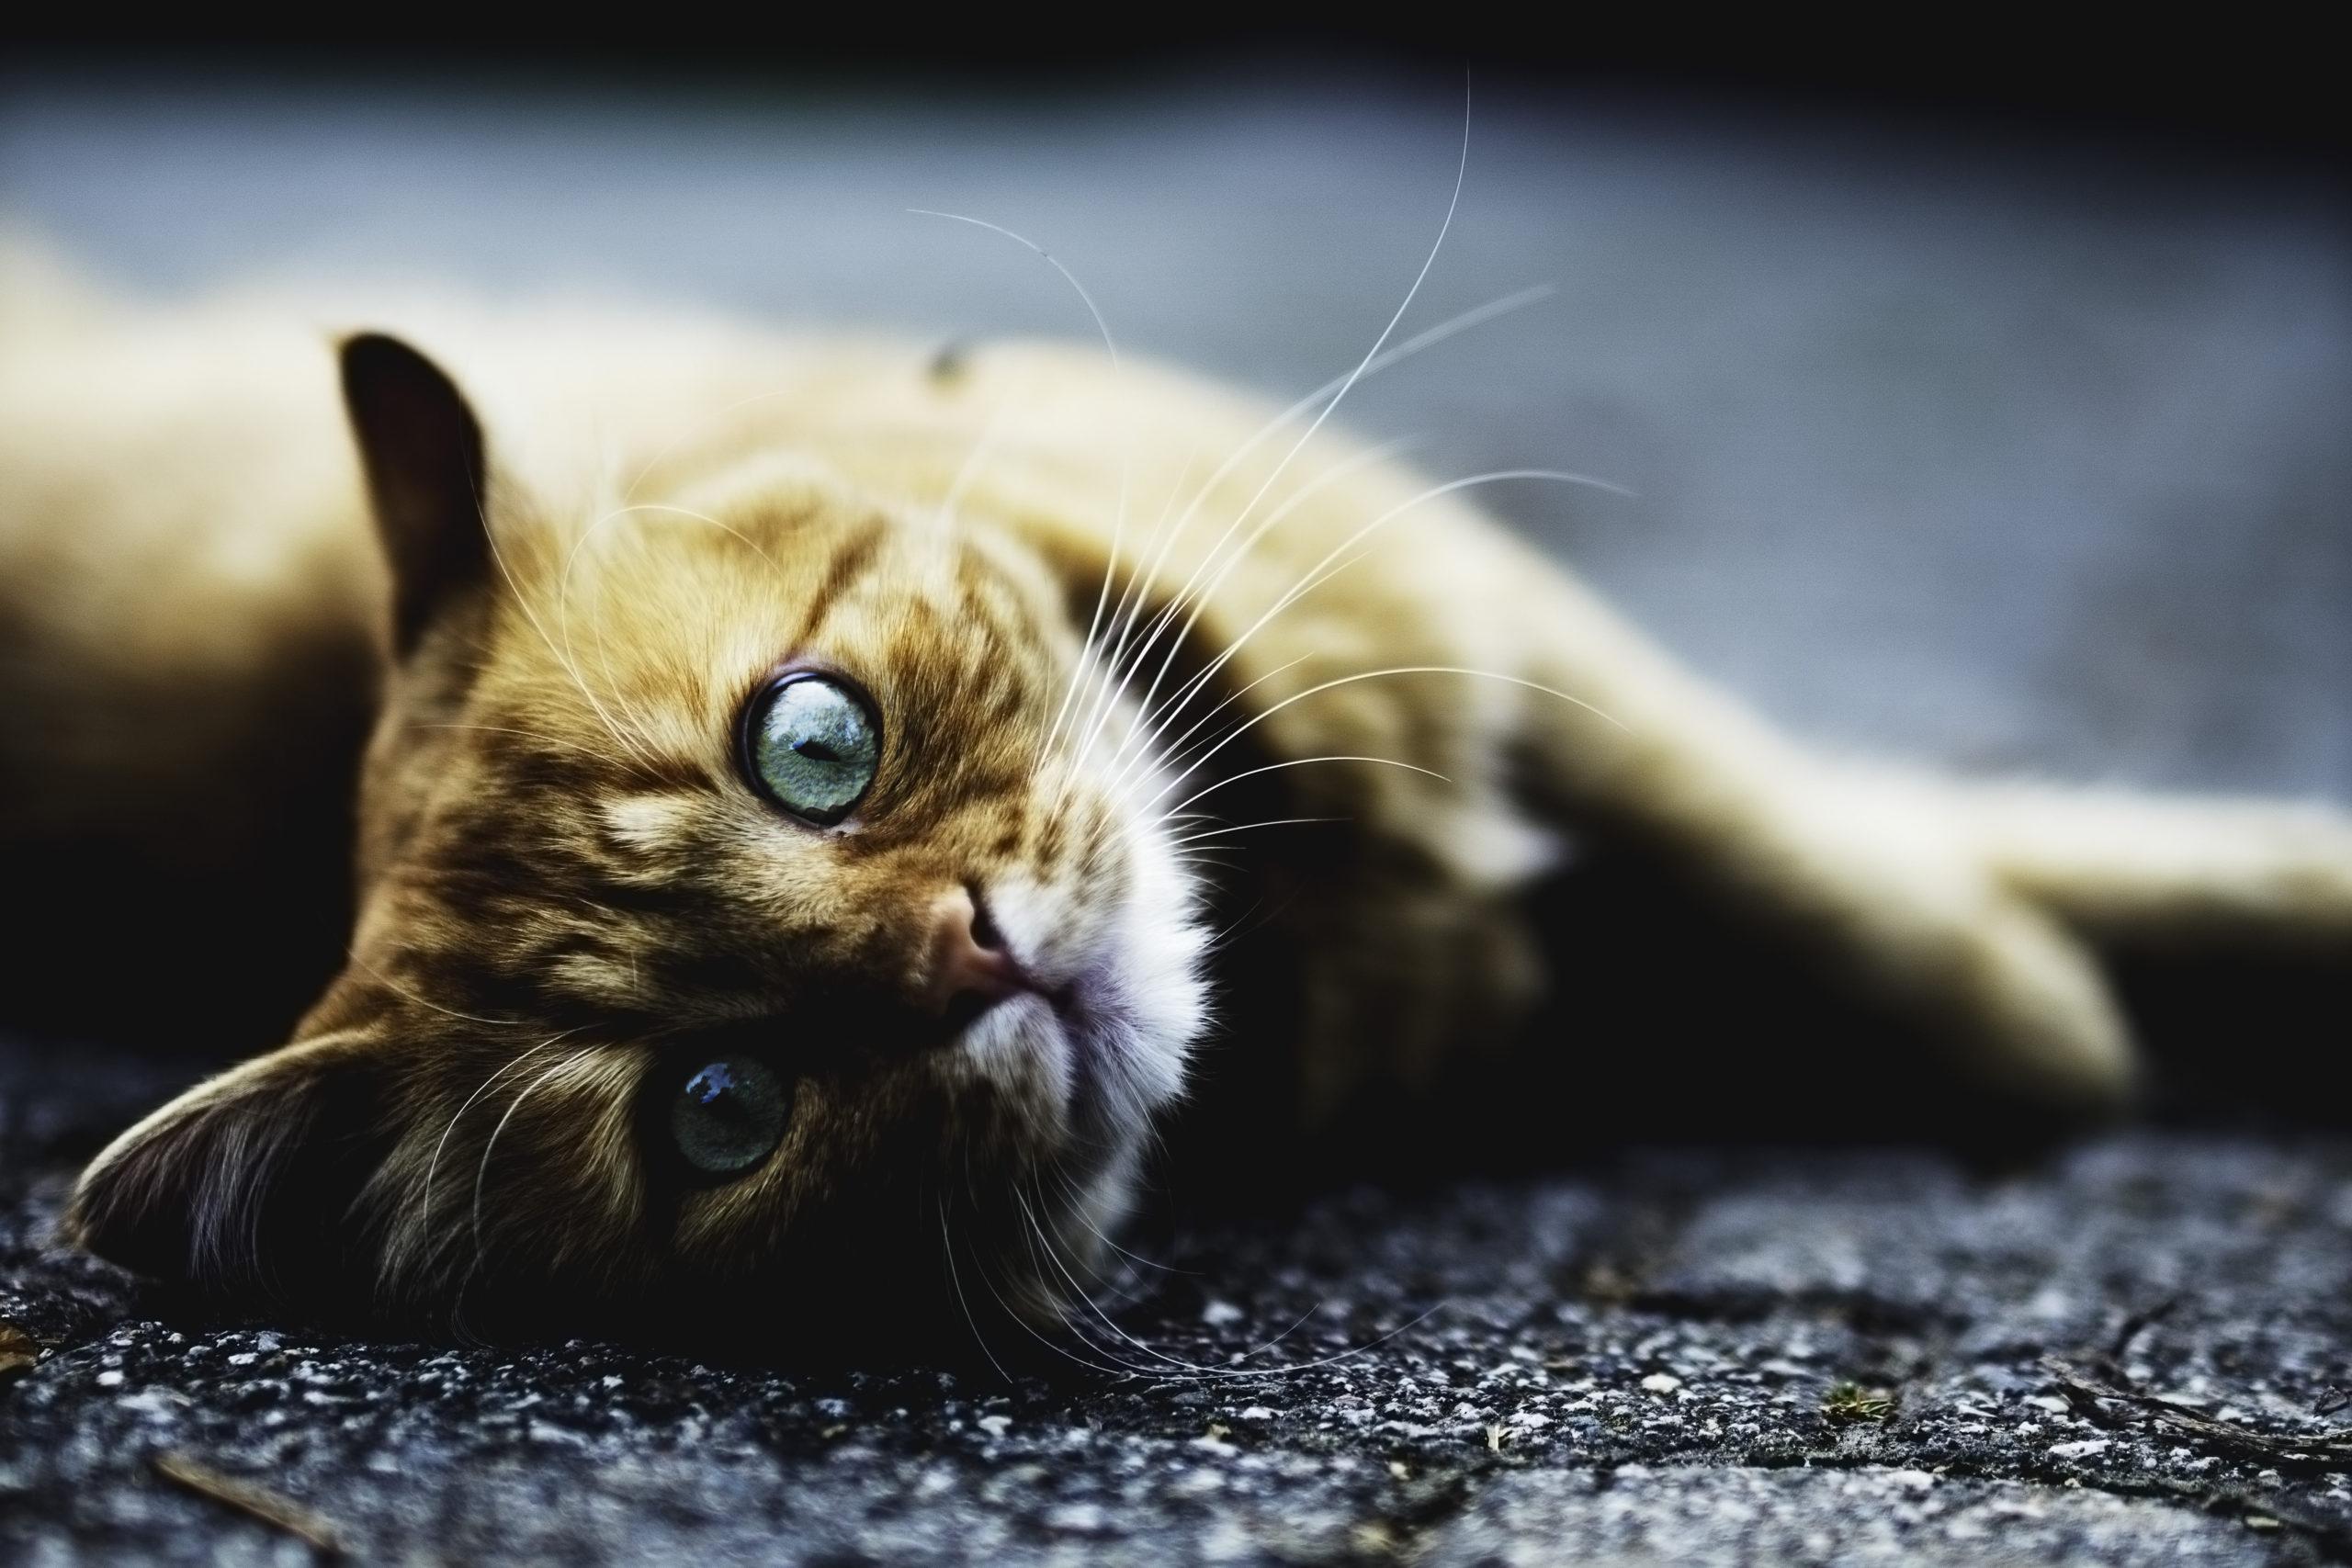 猫のフィラリア予防薬 最安値はこれだ!激安ベスト3ランキング発表!